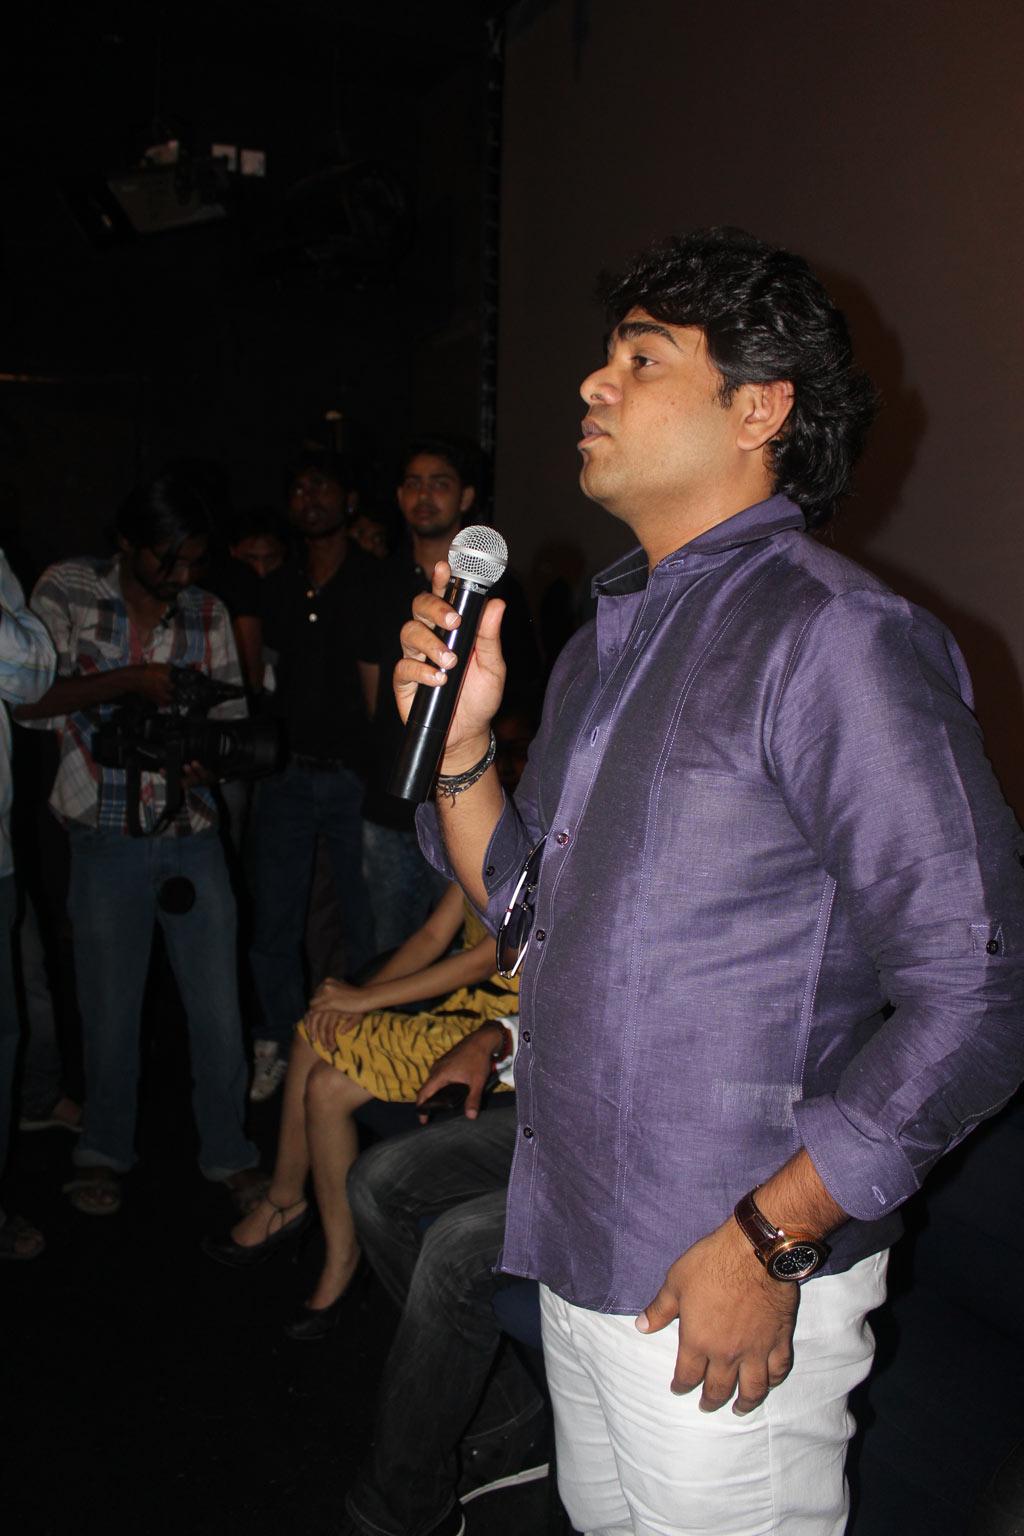 http://4.bp.blogspot.com/-_P8koLYA1GU/UF5PLVzVXHI/AAAAAAAA31E/U6LNxqUrx3A/s1600/Janani+Iyer+and+Arun+Vijay+in+PIX+5D+Cinema+Inagurates+Event+%25289%2529.jpg